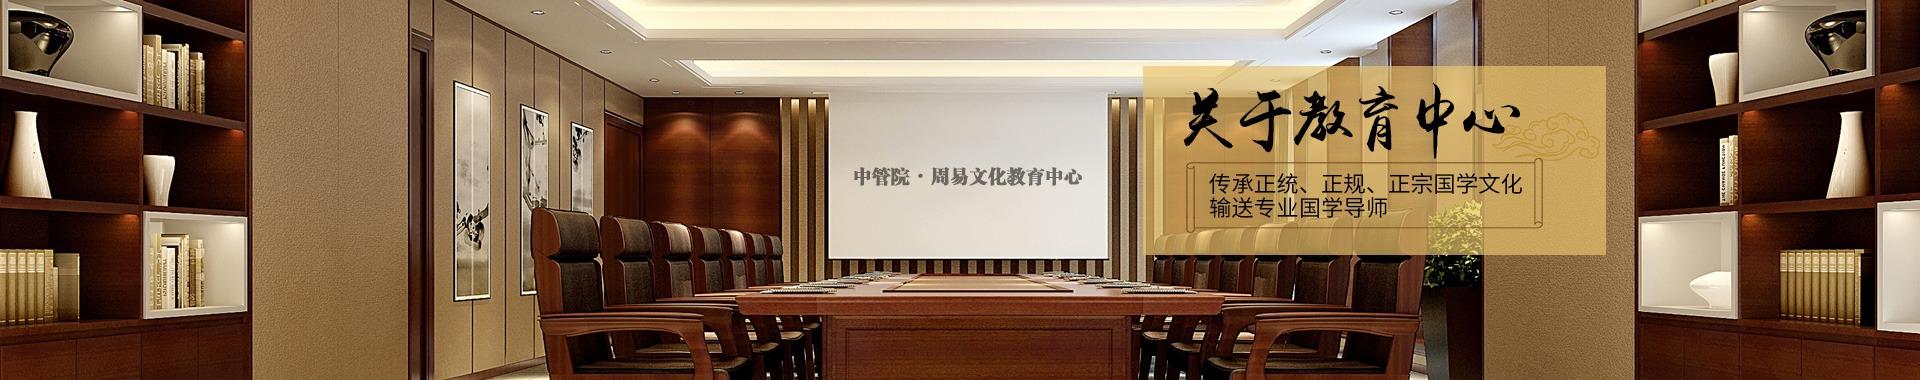 中管院·周易文化教育中心招商招聘